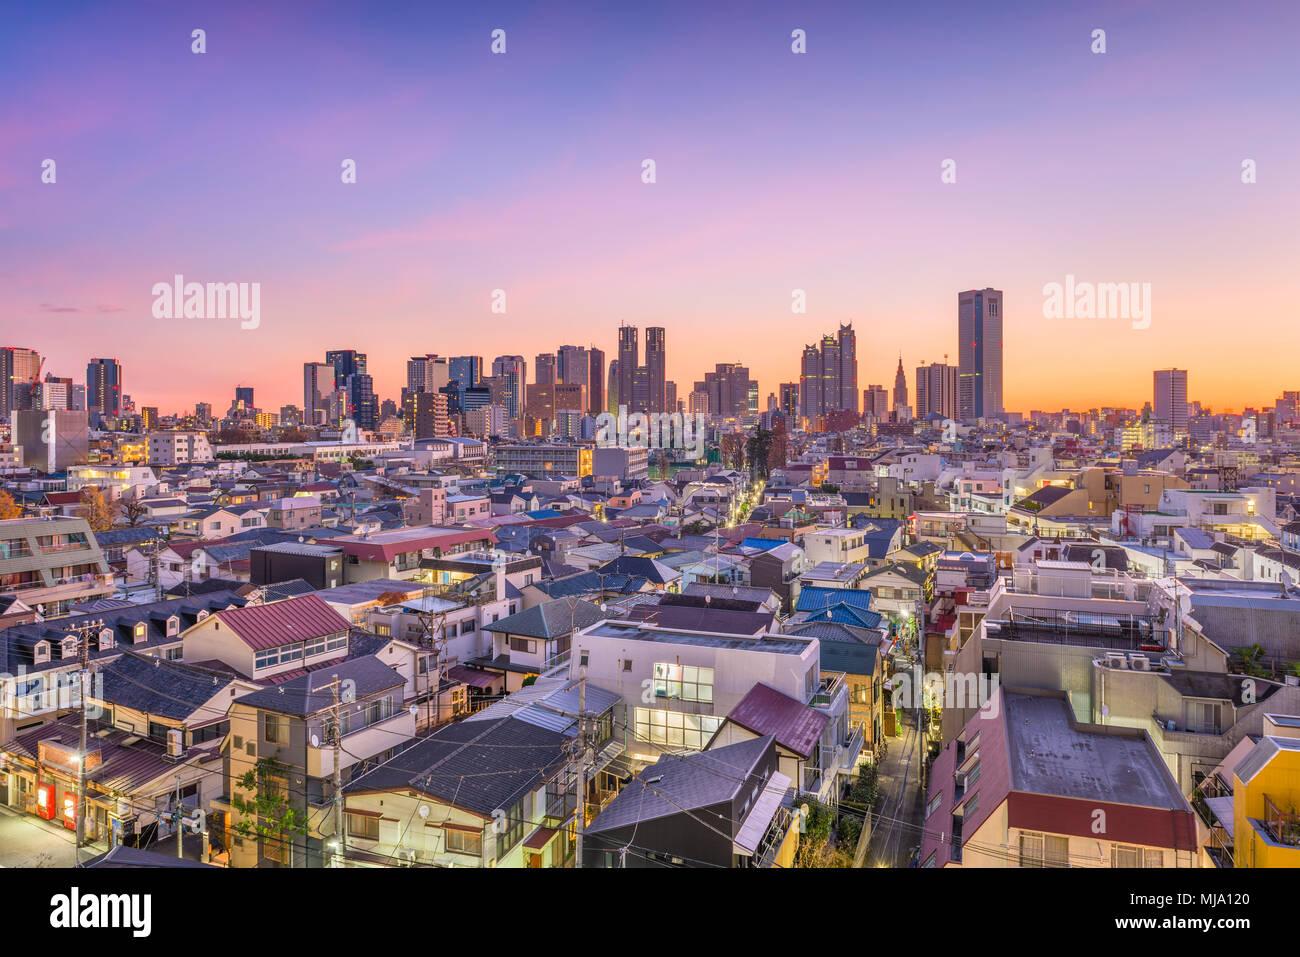 West Shinjuku, Tokyo, Japan Financial District Stadtbild über Wohngebiete in der Abenddämmerung. Stockbild